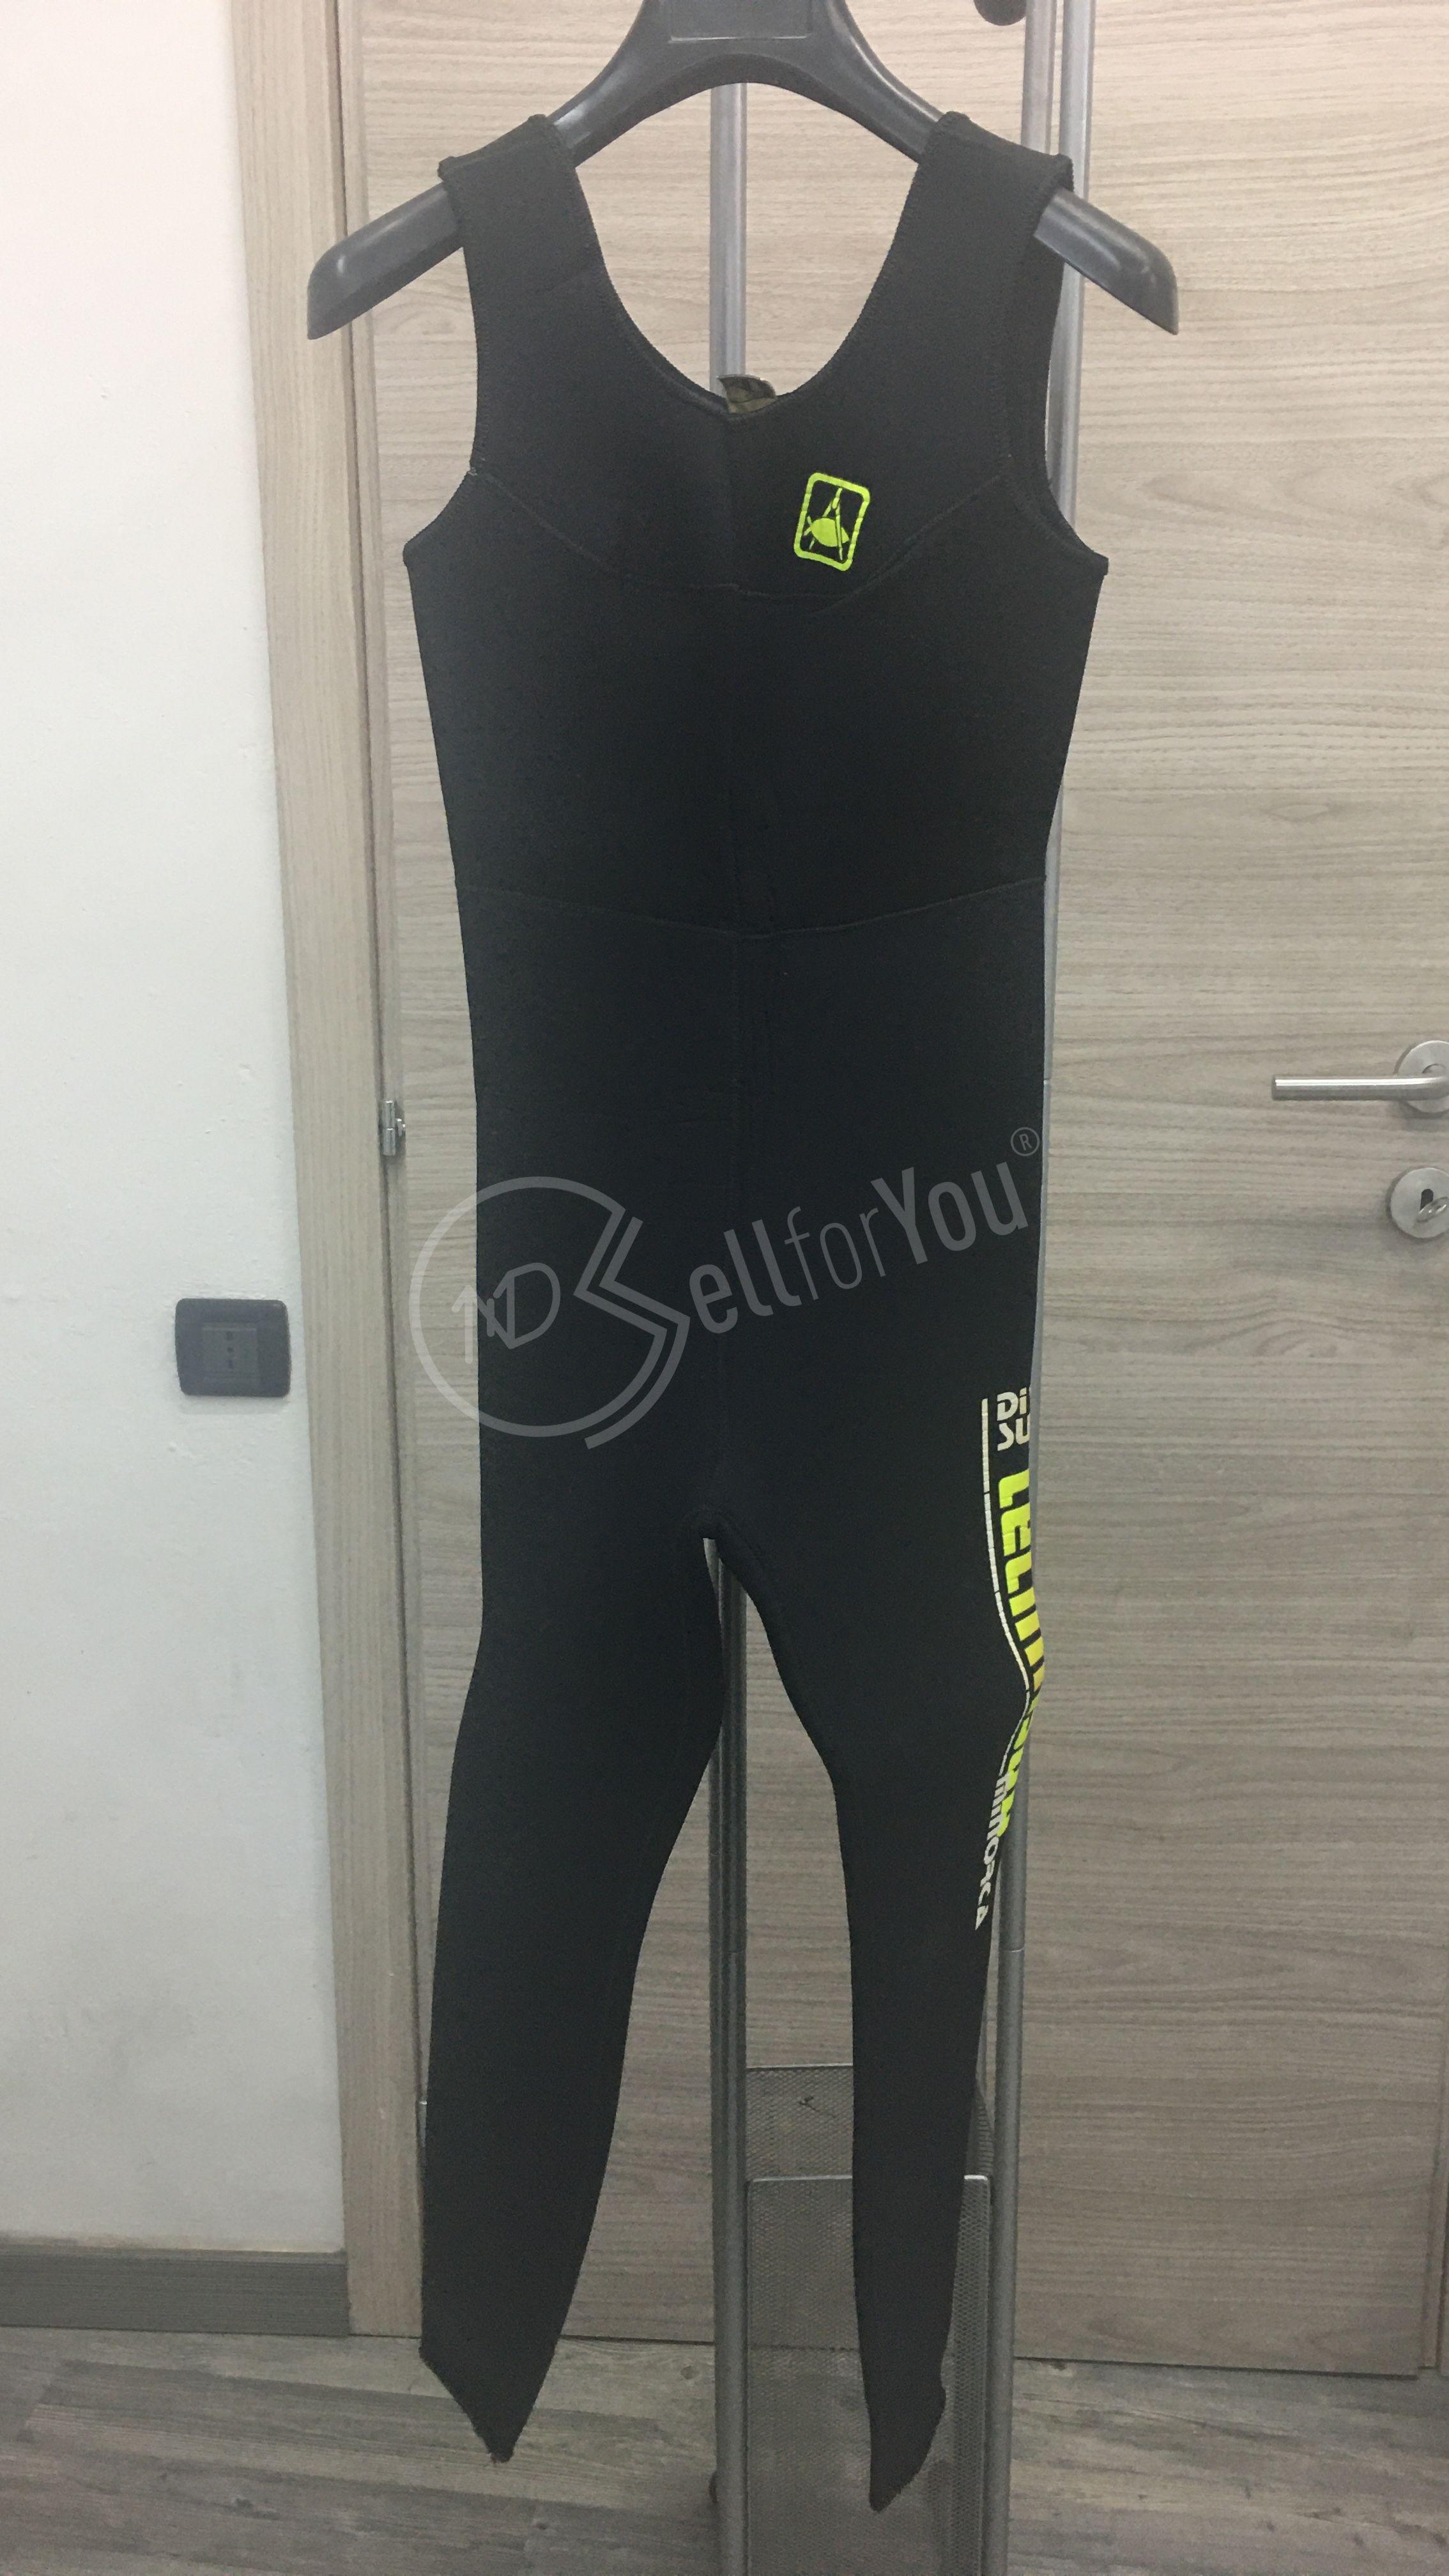 sellforyou immagine articolo Muta pantalone salopette Minorca lady tg 3 (46) Technisub